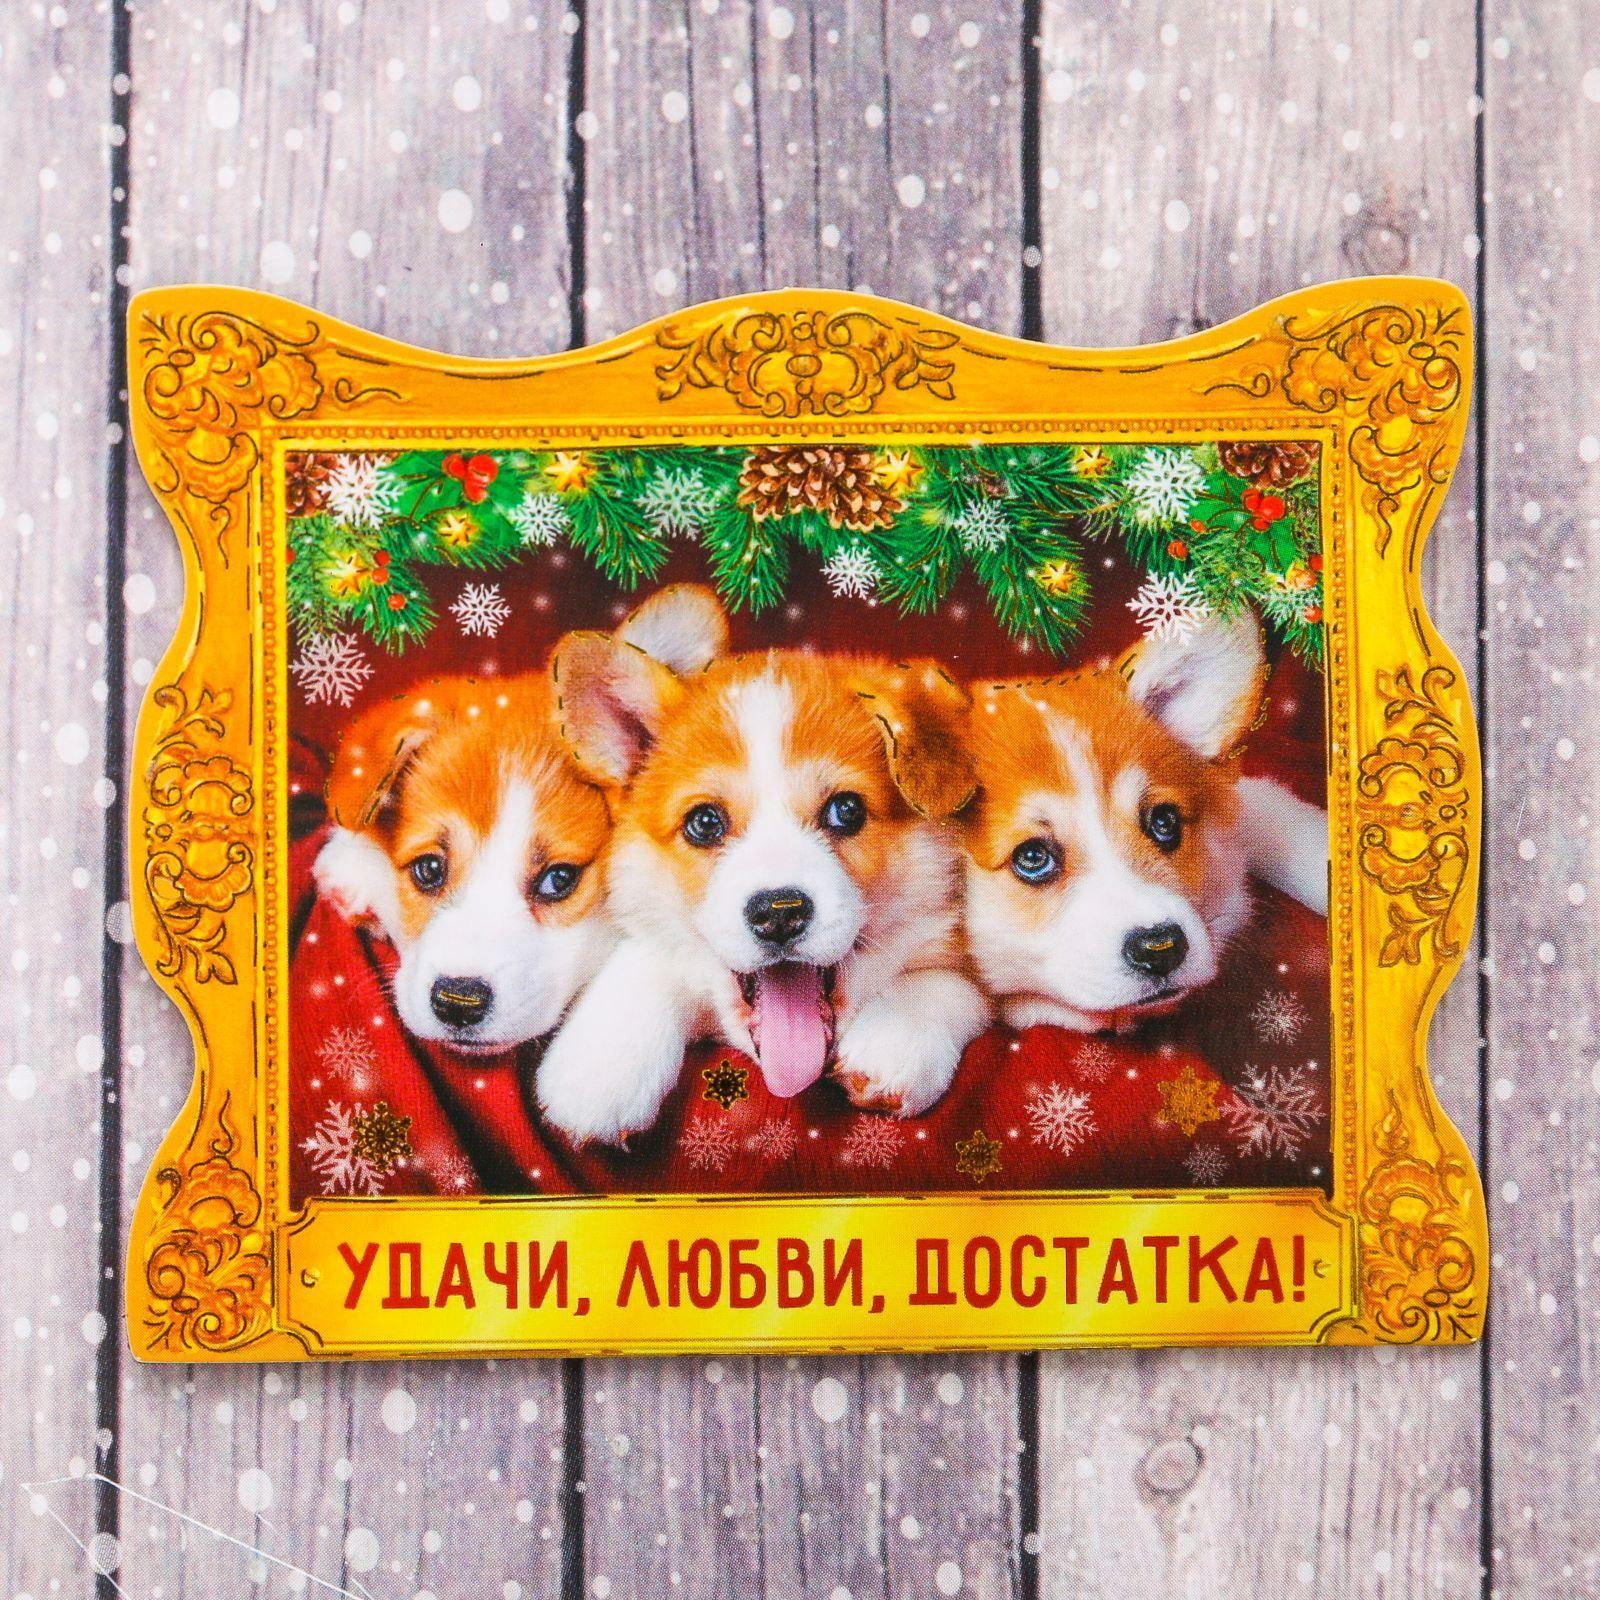 Магнит Sima-land Удачи, любви, достатка!, 8 х 6,5 см1894026Порадуйте родных и близких оригинальным сувениром: преподнесите в подарок магнит. С ним даже самый серьёзный человек почувствует себя ребёнком, ожидающим чудо! Создайте праздничное настроение, и оно останется с вами на весь год.